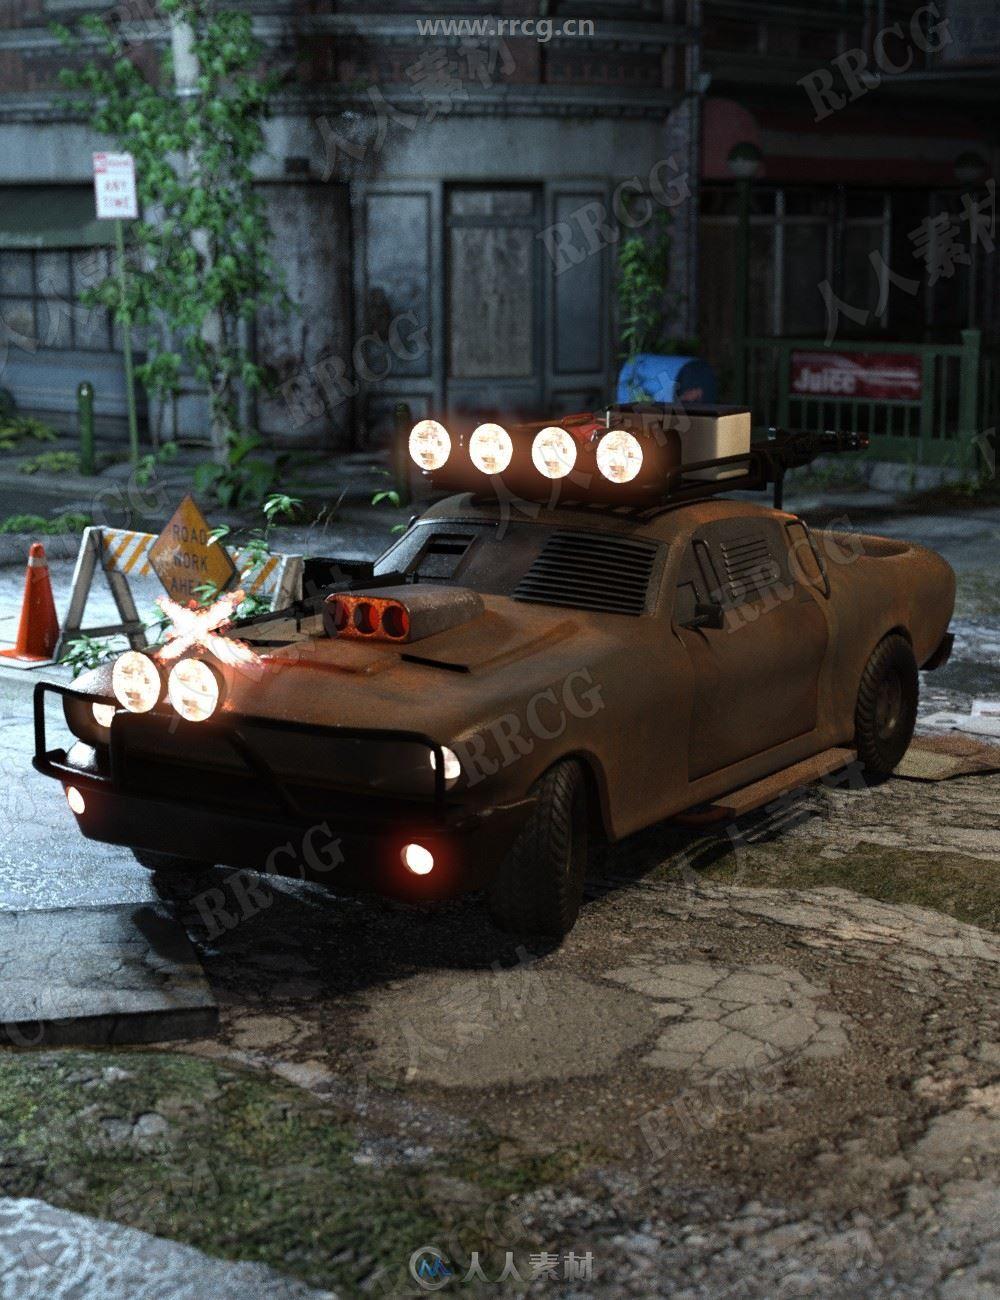 世界末日生锈枪械四轮轿车3D模型合集